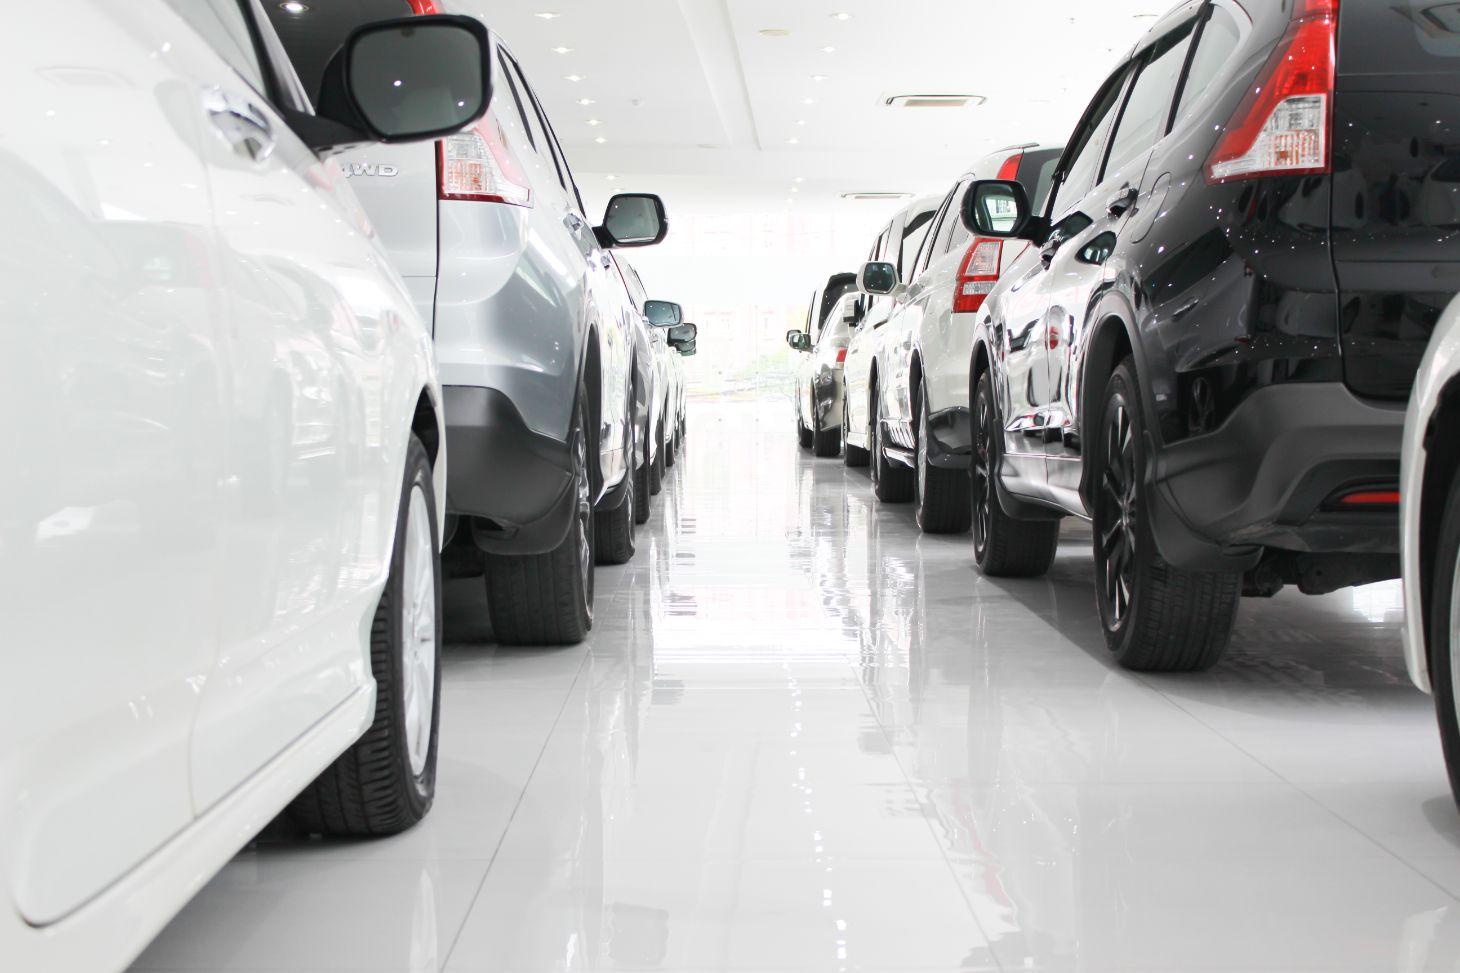 estoque concessionaria venda de carros suvs preto prata branco fila de carros shutterstock